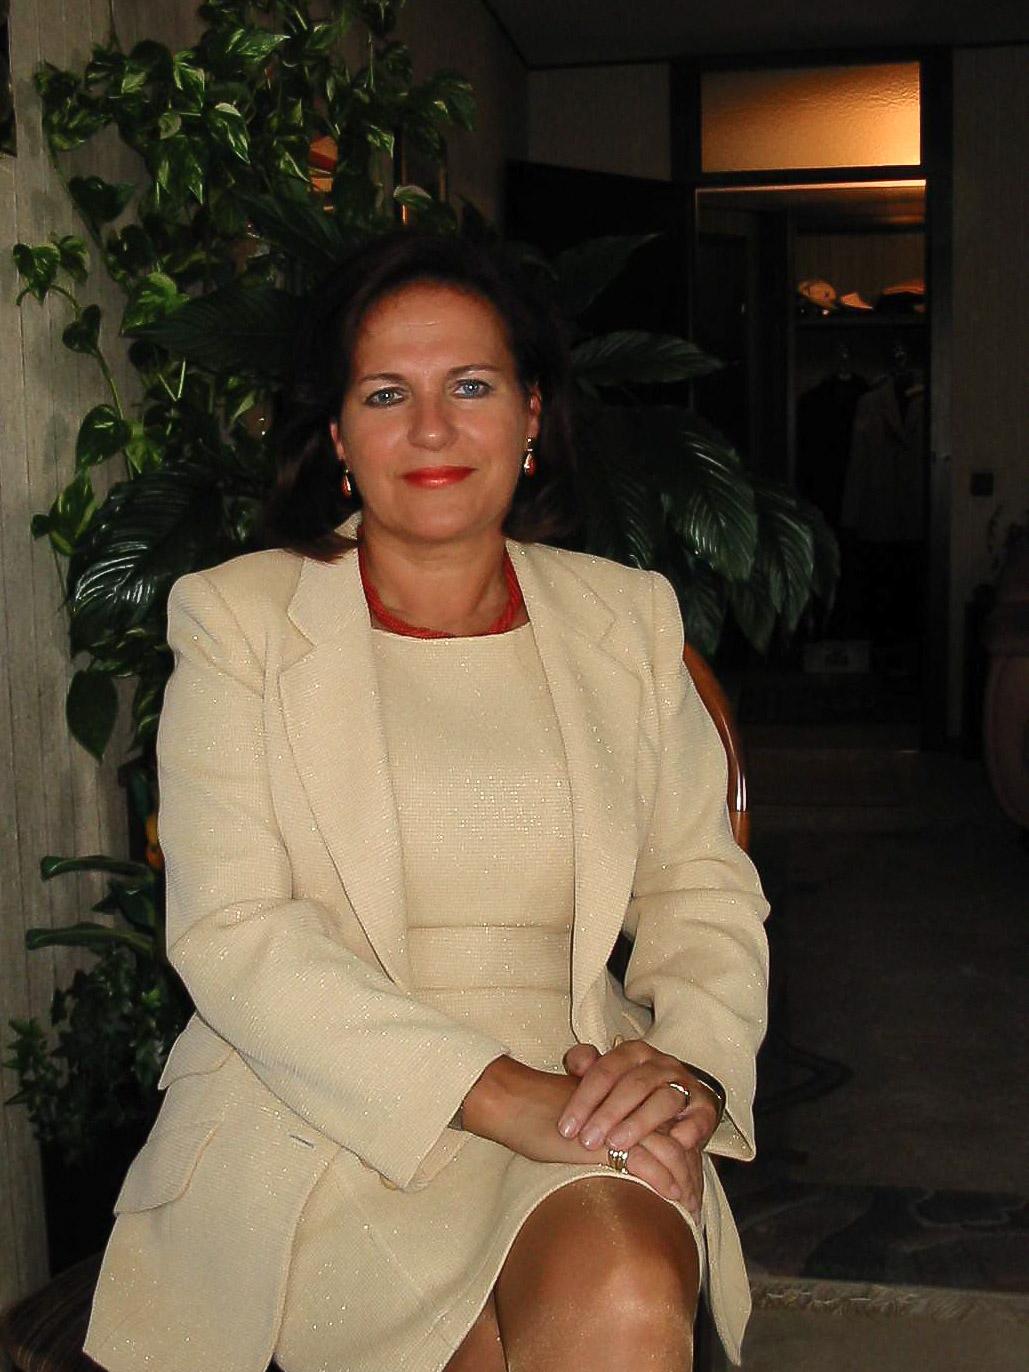 Hermine Blühmann